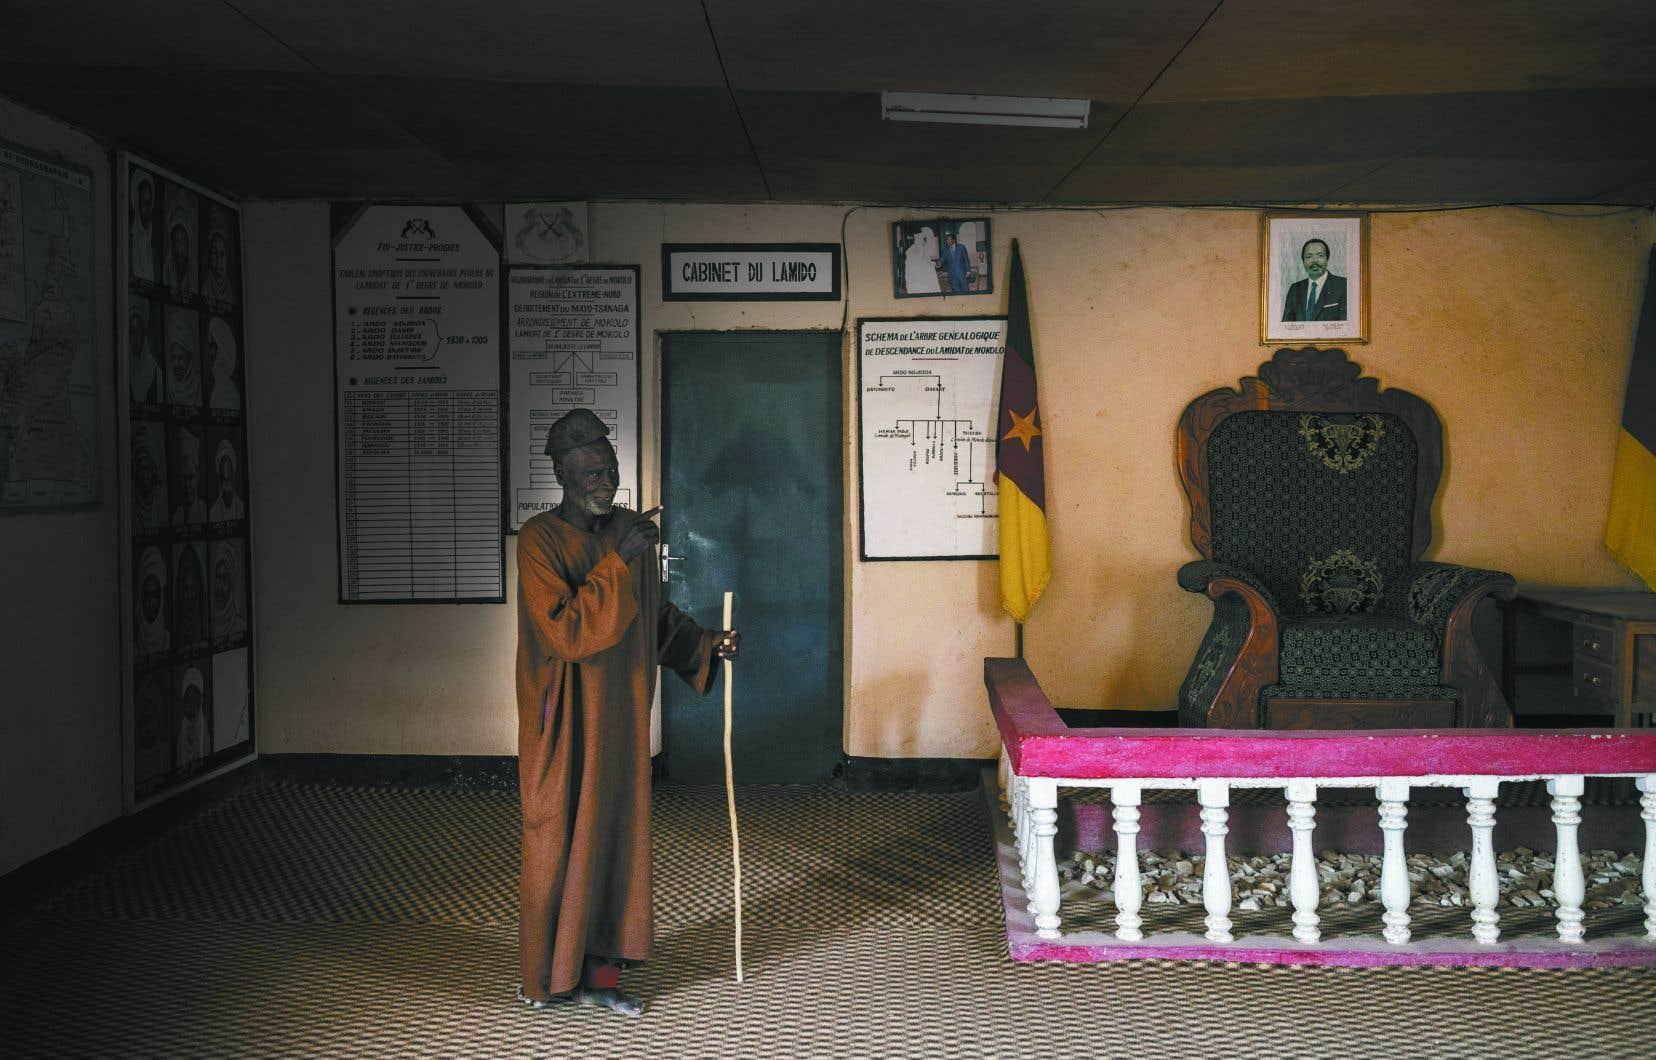 L'ENAP a prêté main-forte au ministère de la Décentralisation  et du Développement local  du Cameroun afin d'arrimer les 360communes et les 14communautés urbaines aux réformes. L'un des défis est de redonner confiance à la population dans le nord du pays, entre autres, divisé en plusieurs lamidats (chefferies) qui exercent un pouvoir local centralisé et hiérarchisé.